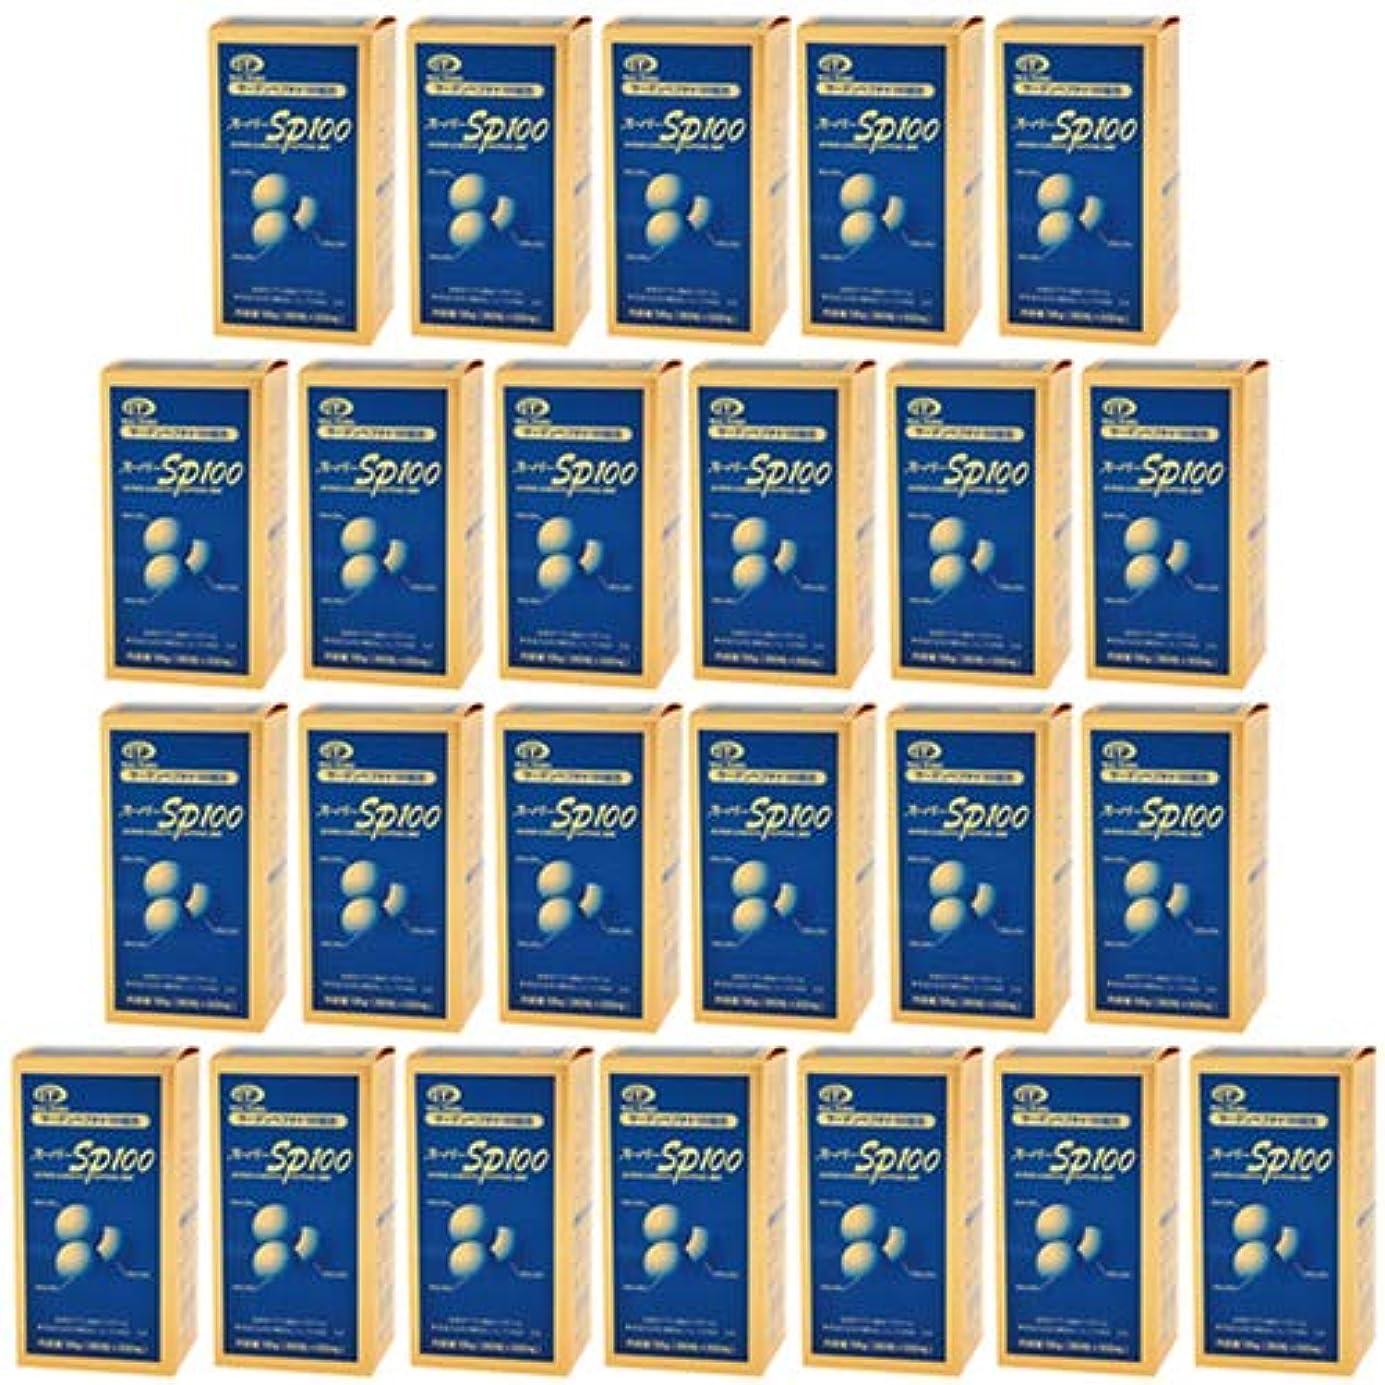 枕サミット発動機スーパーSP100(イワシペプチド)(360粒) 24箱